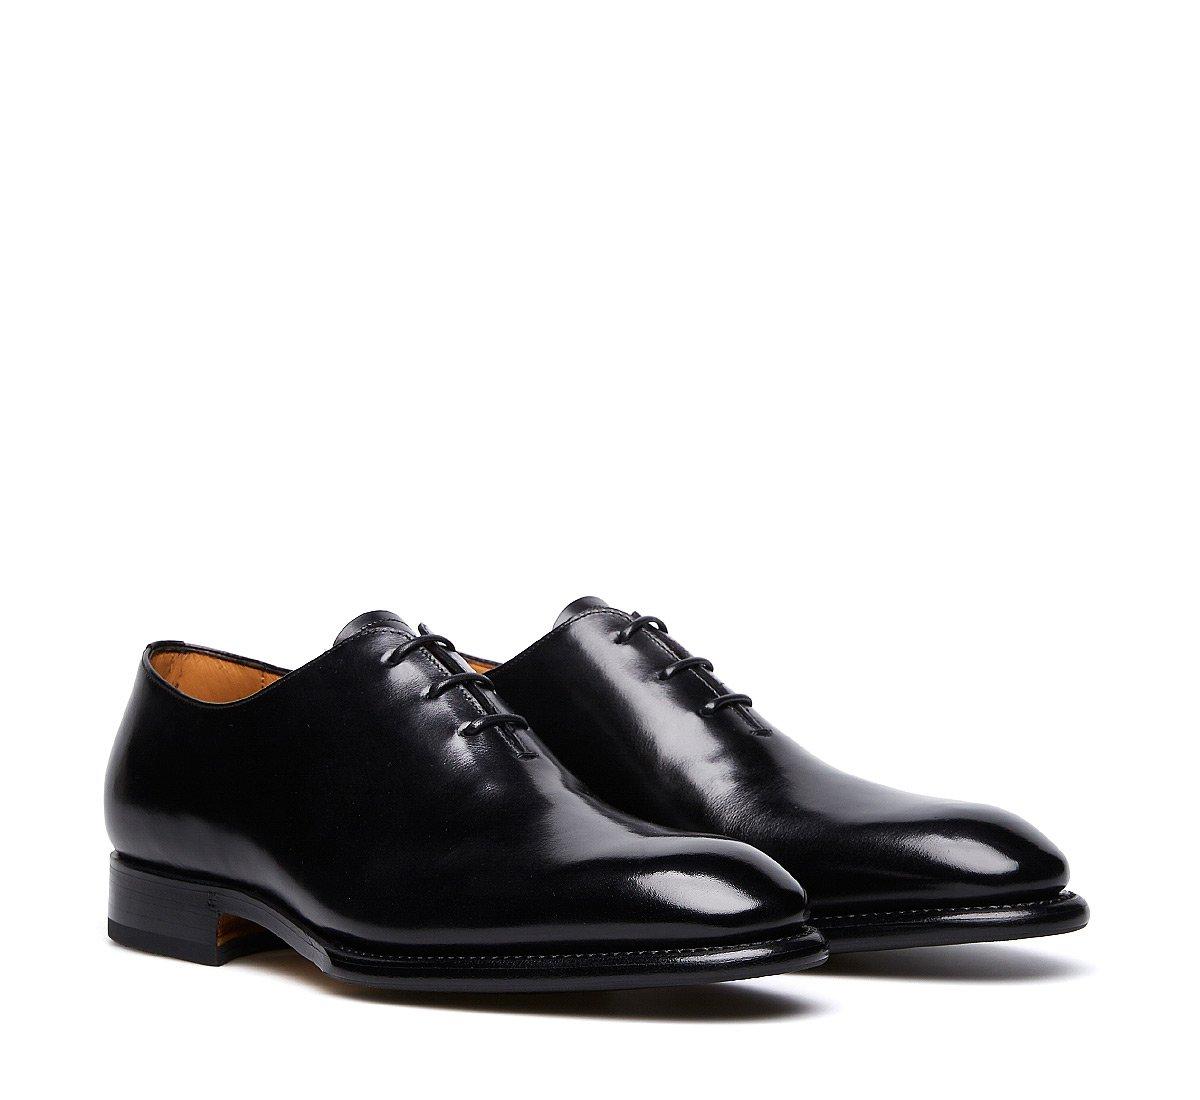 Туфли на шнуровке с тремя отверстиями из мягкой телячьей кожи конструкции Flex Goodyear